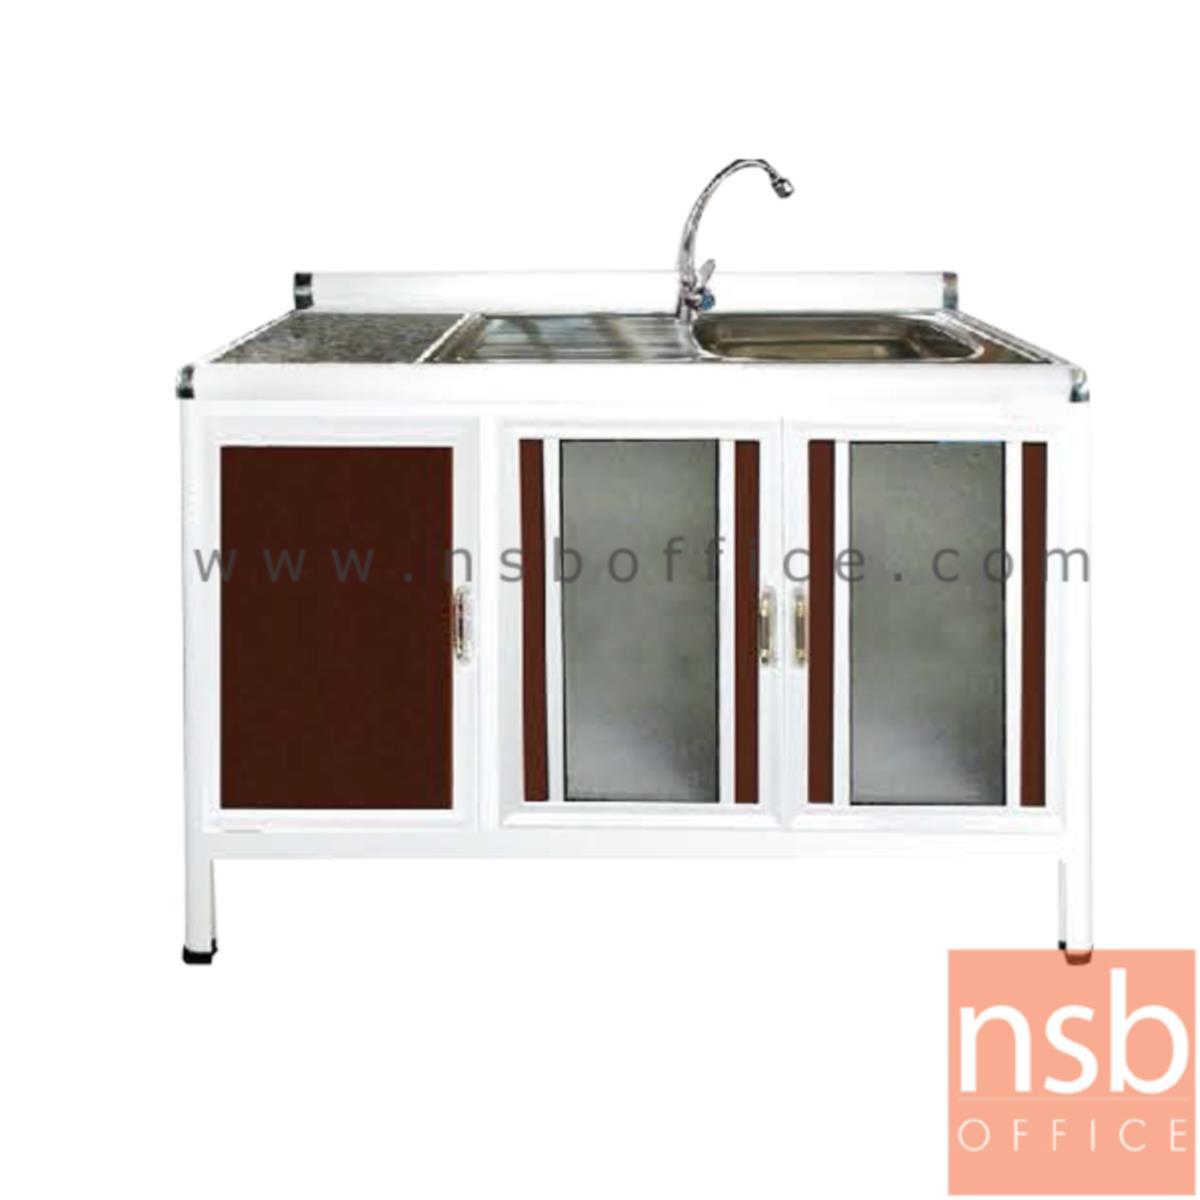 ตู้ครัวตอนล่างอลูมิเนียมอ่างซิงค์  1 หลุม มีที่พักจาน  กว้าง 120 ซม รุ่น GBPE 120S